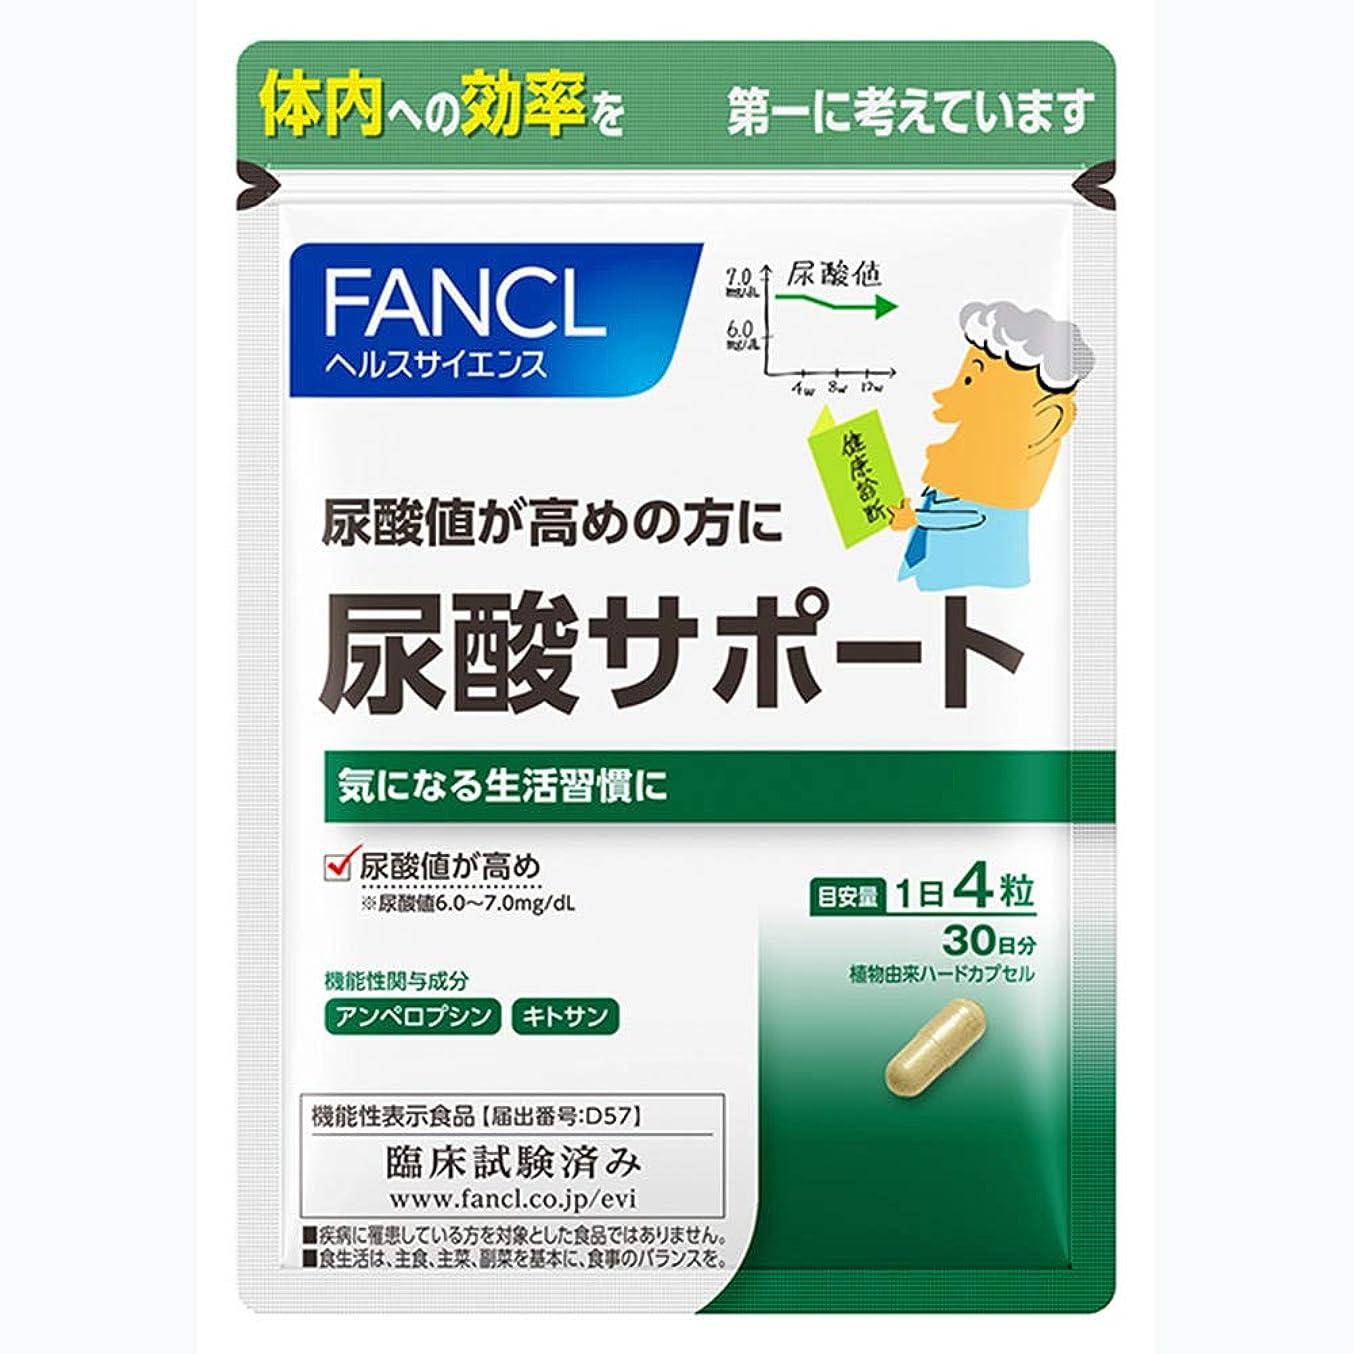 牛肉分類逆さまにファンケル (FANCL) 尿酸サポート (約30日分) 120粒 [機能性表示食品]